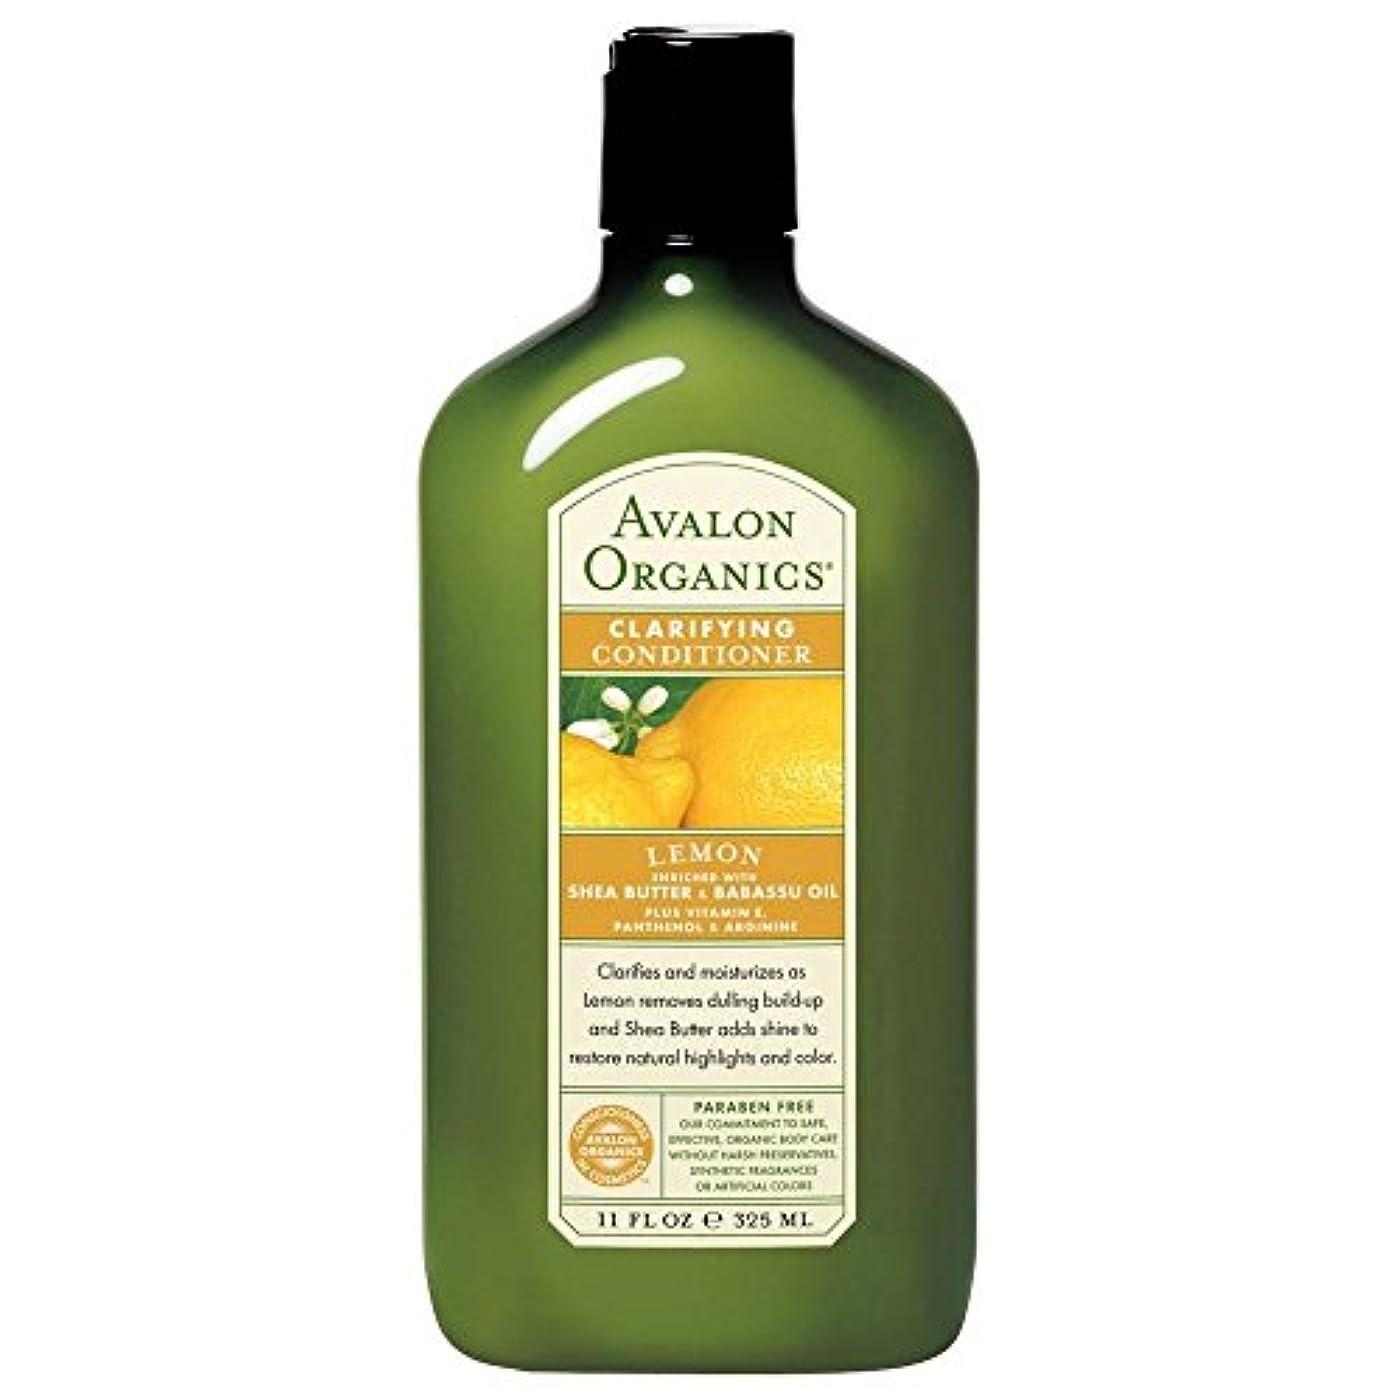 部族傑出した帰する[Avalon ] コンディショナーを明確にアバロンの有機物 - レモン(325ミリリットル) - Avalon Organics Clarifying Conditioner - Lemon (325ml) [並行輸入品]